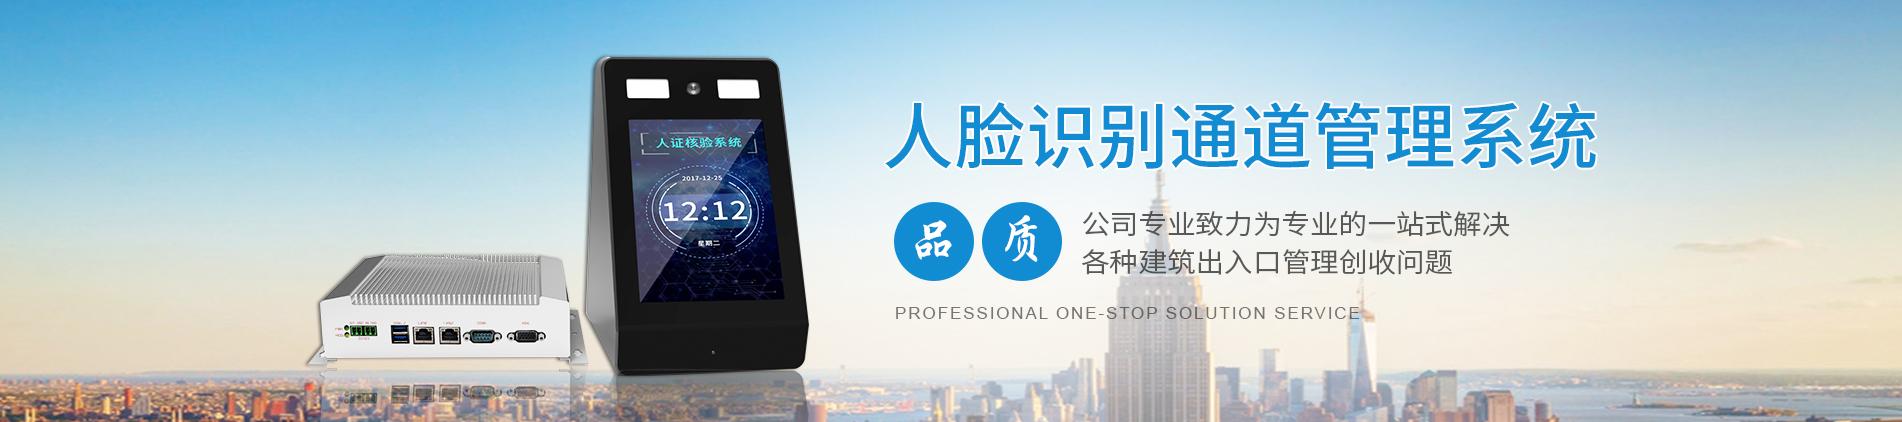 上海letou乐投智能人脸识别系统